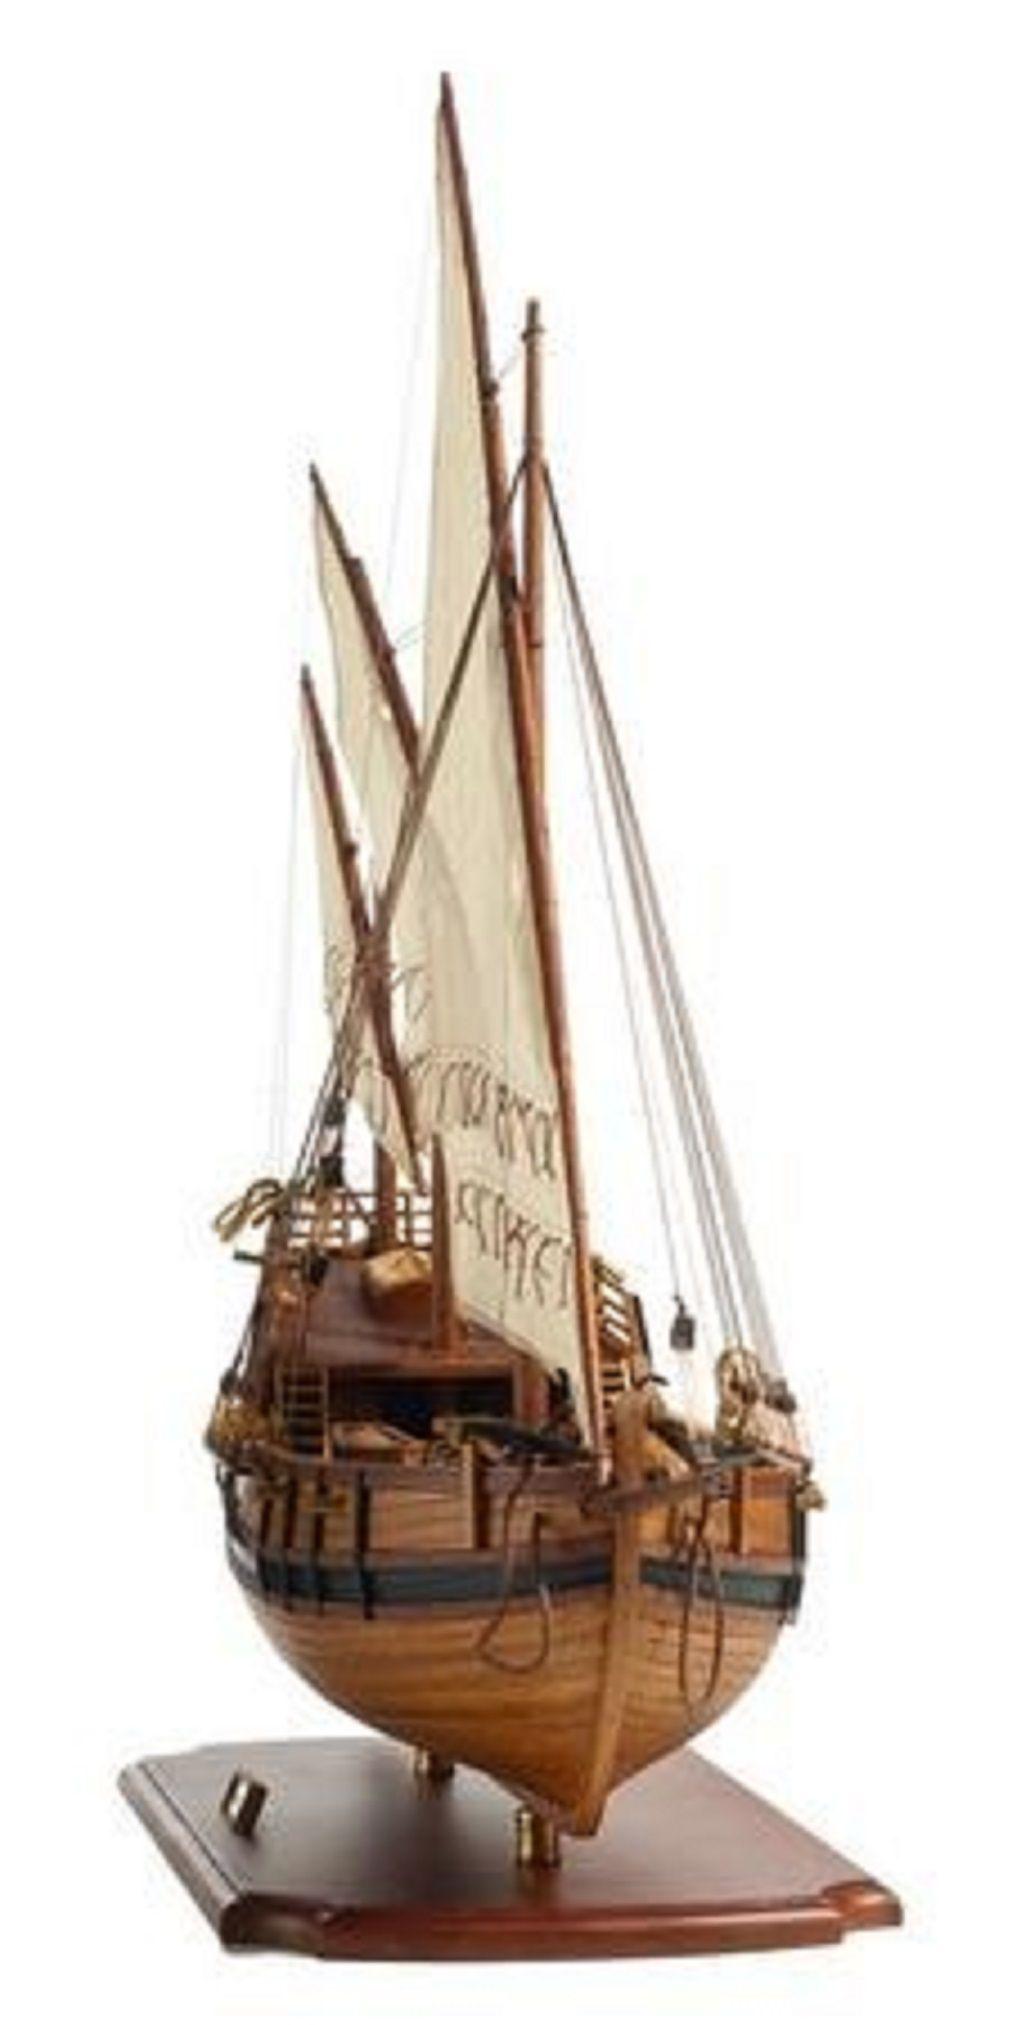 217-7198-Caravel-model-ship-Premier